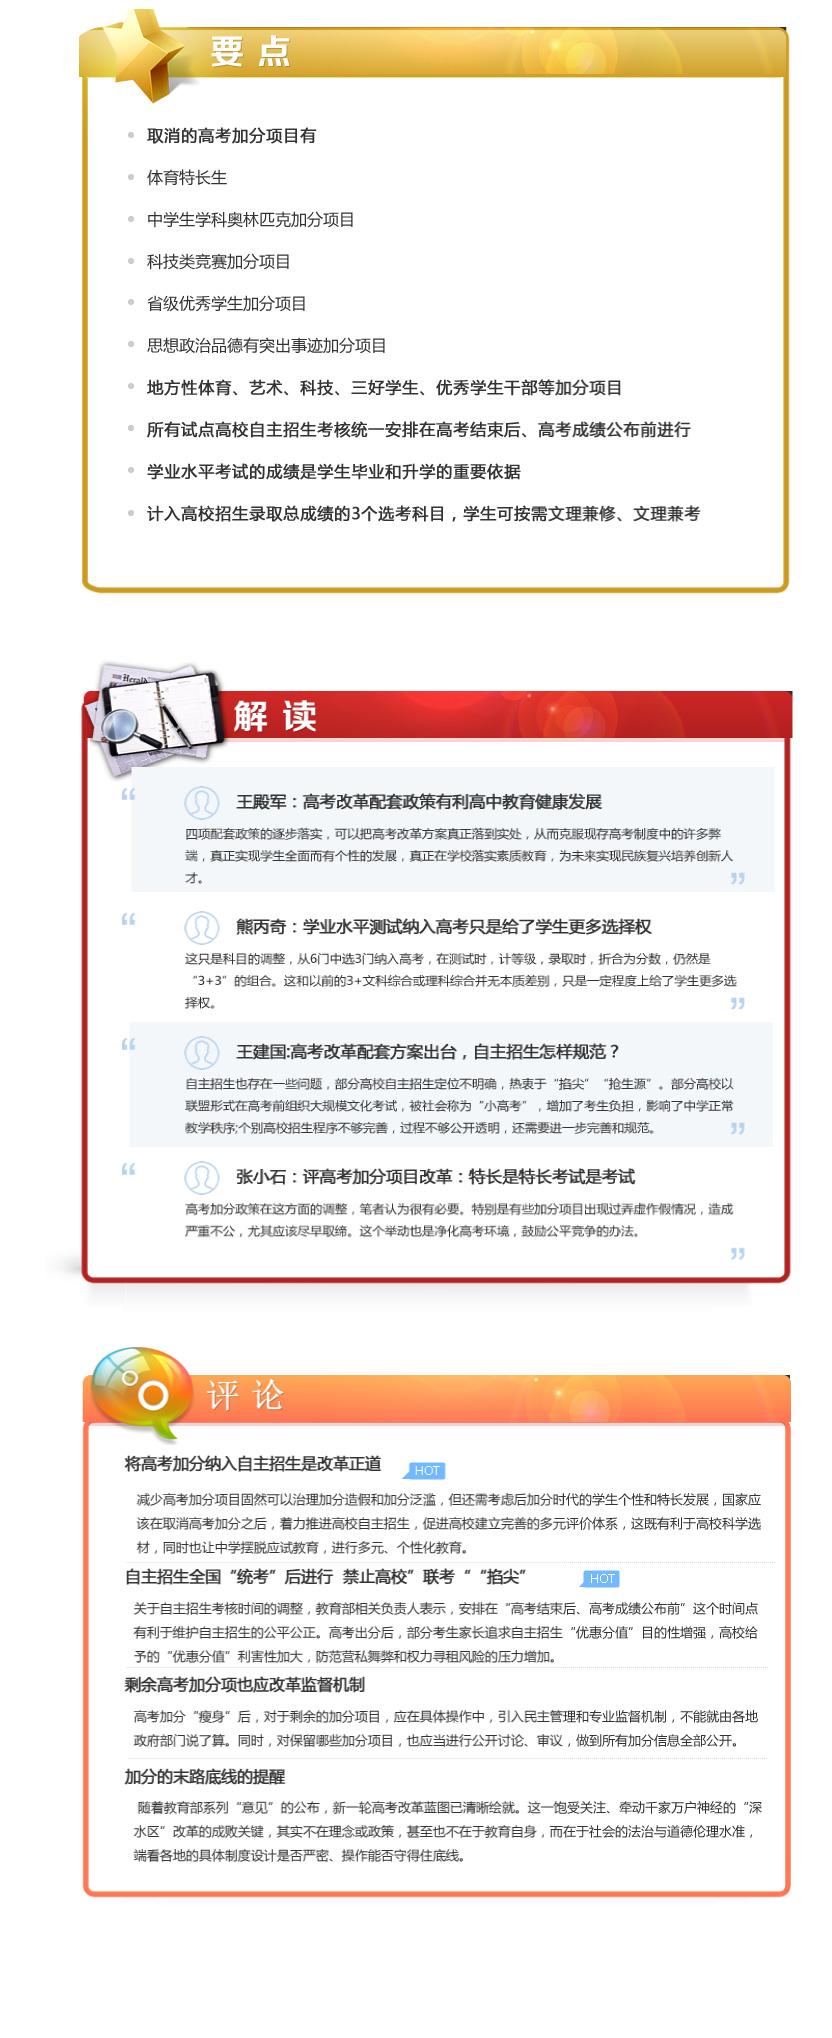 高考改革:6项加分项目取消